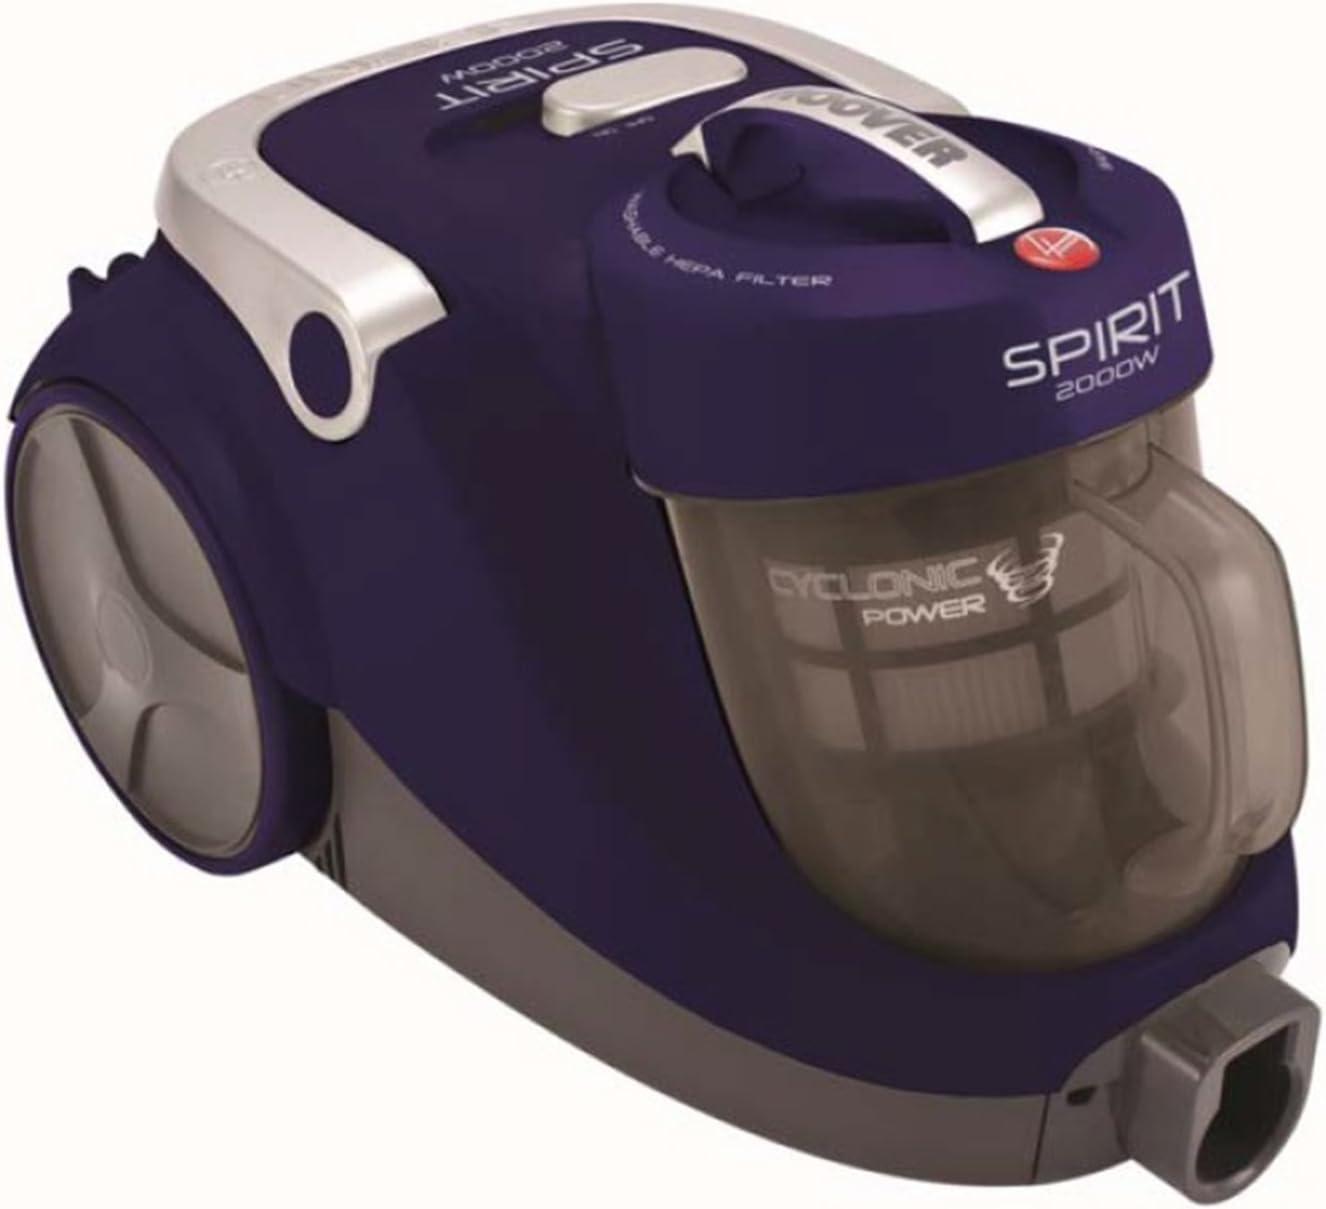 Hoover Spirit TSP 2020 011 2000 W - Aspiradora (2000 W, Aspiradora ...